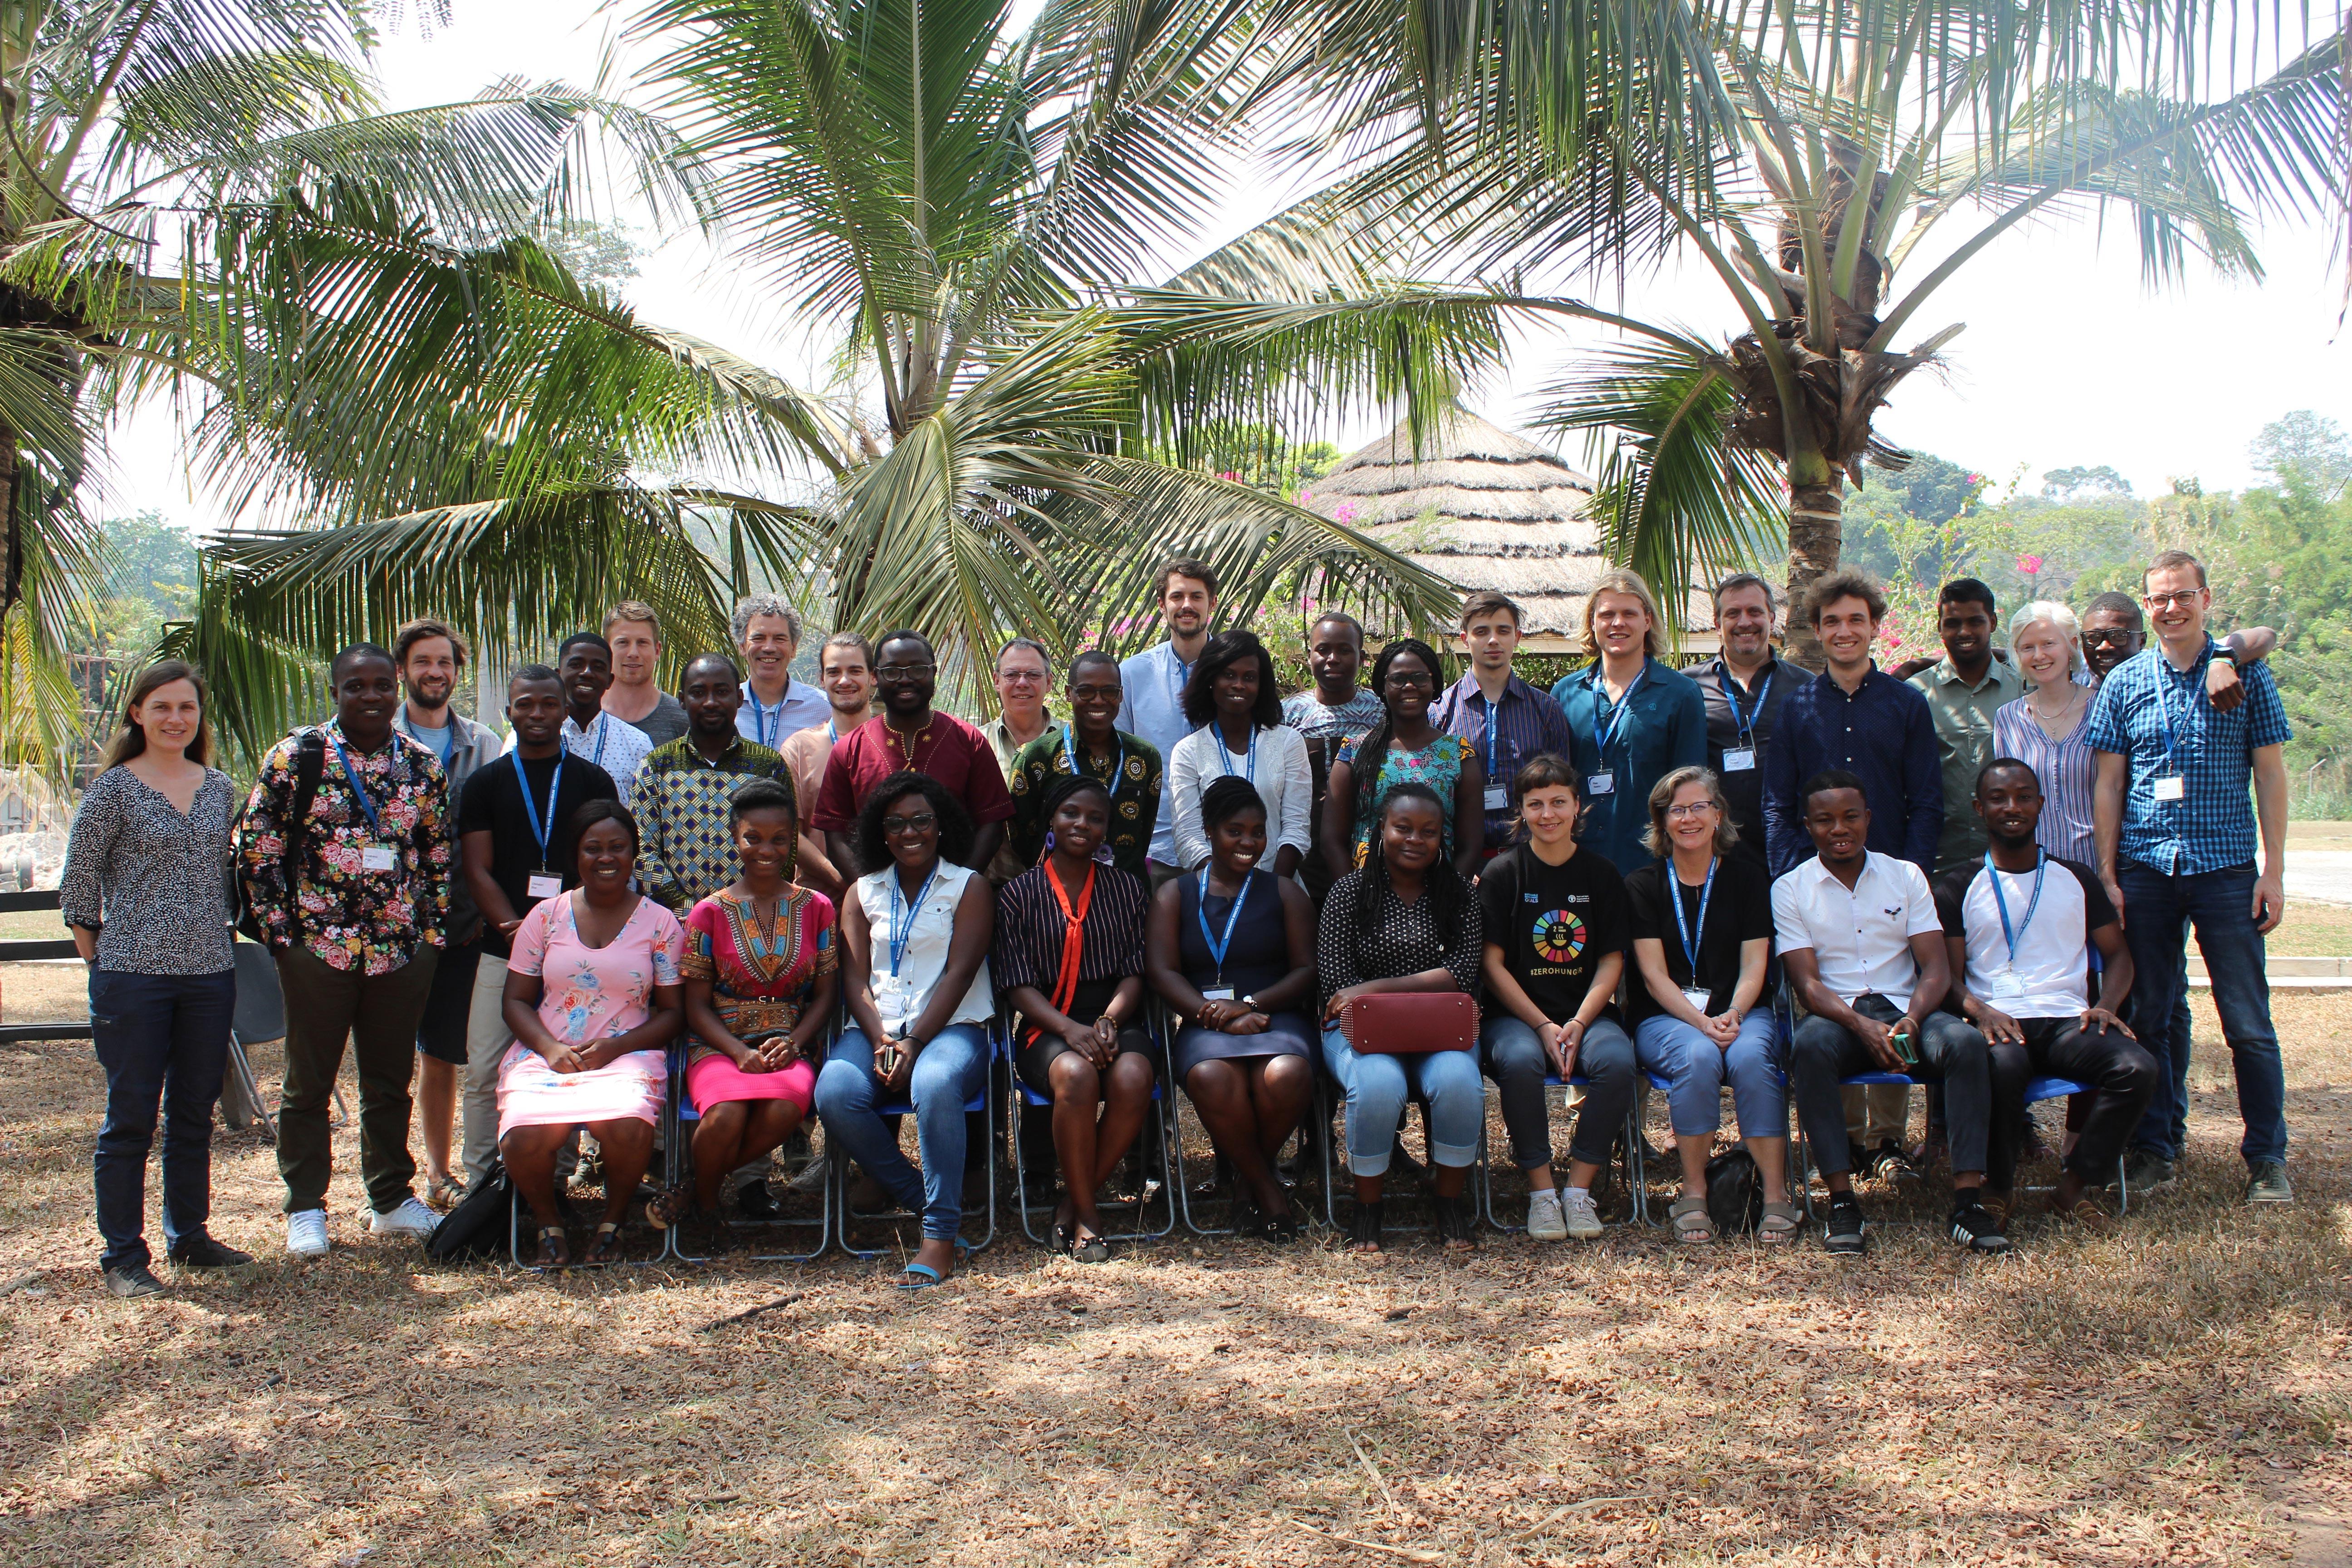 Gruppenfoto_Ghana_kl.jpg